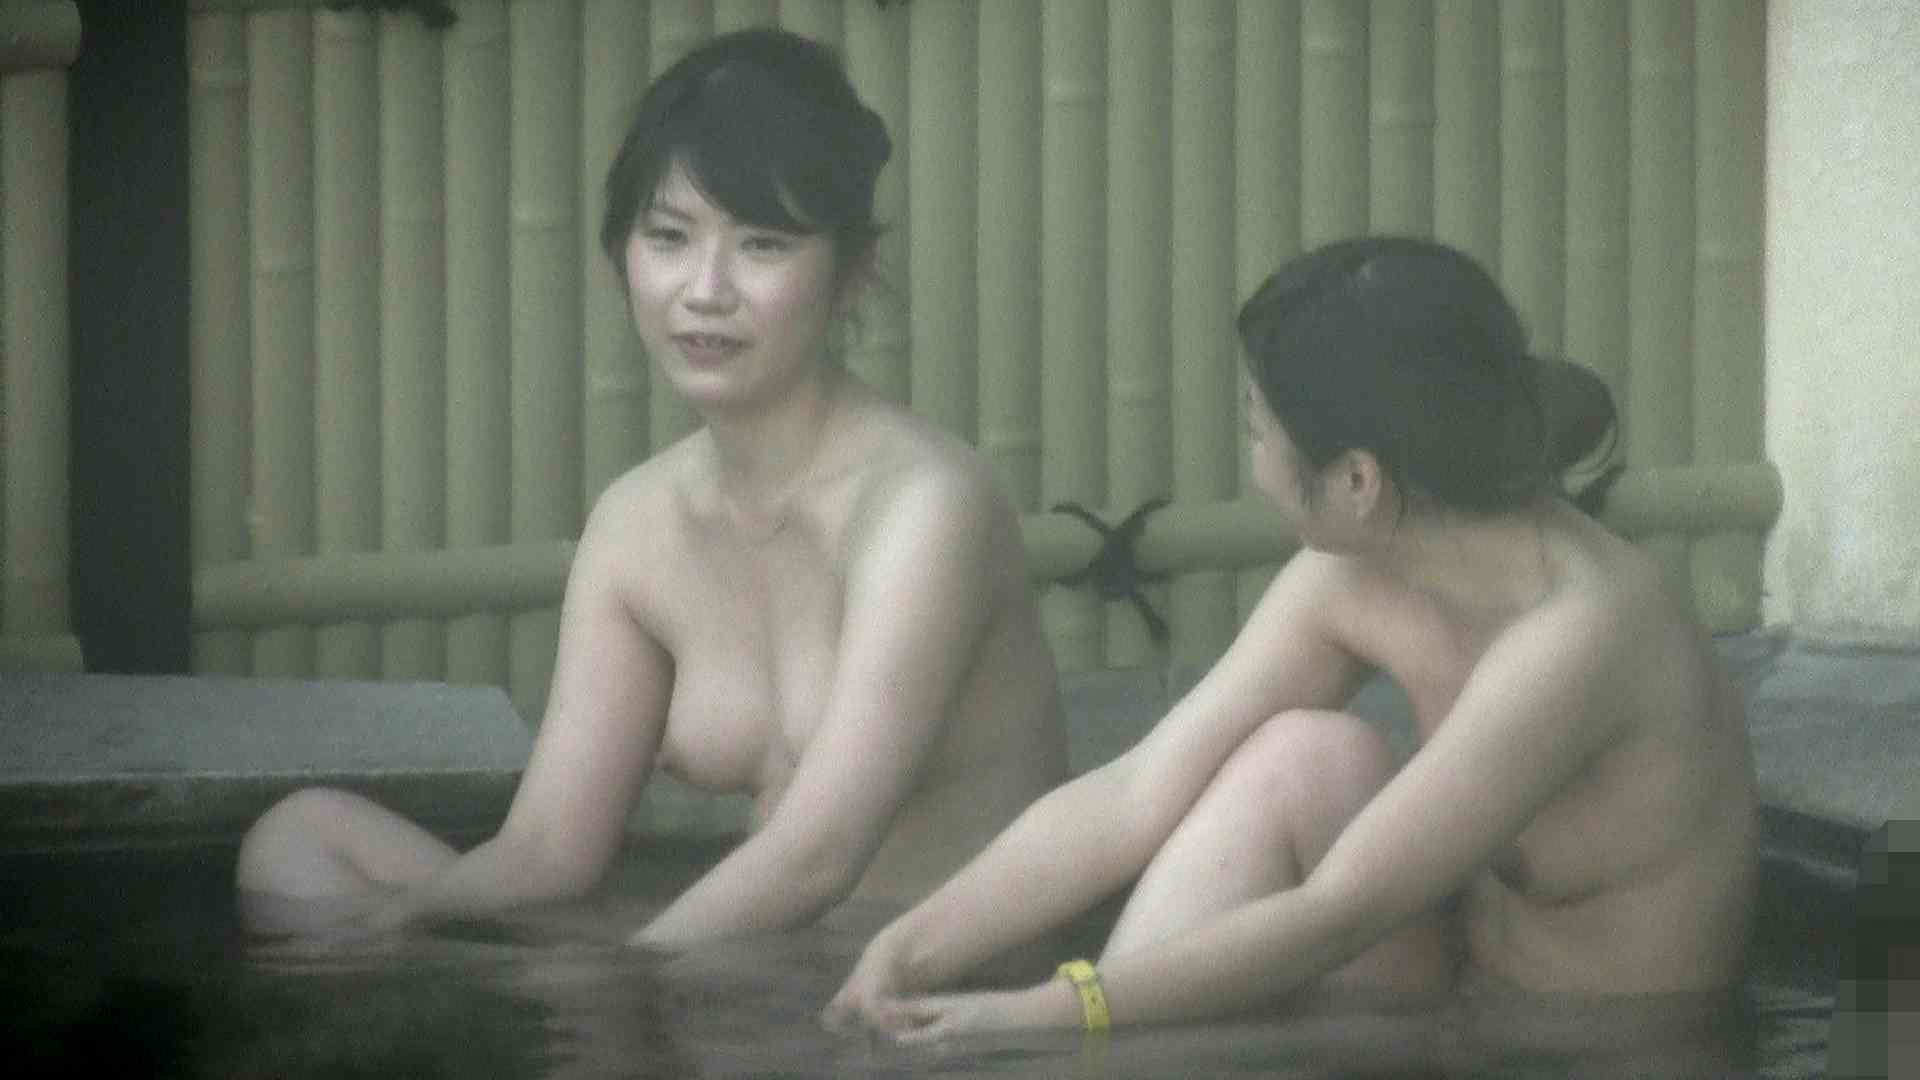 Aquaな露天風呂Vol.206 盗撮シリーズ  80PIX 80